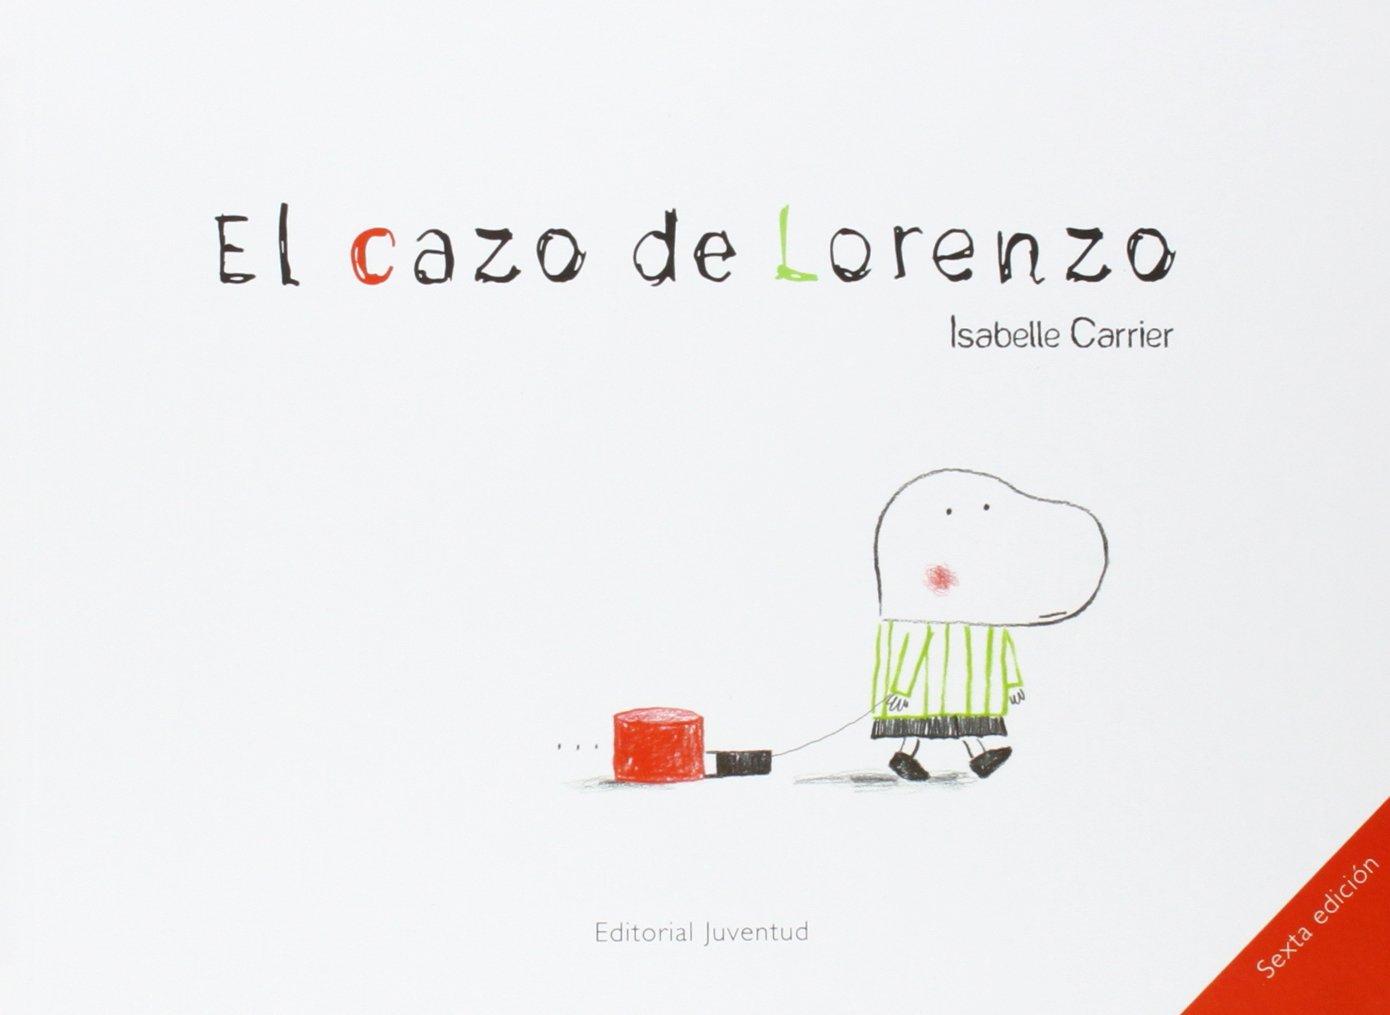 Criando247 HoyLeemos Cazo de Lorenzo